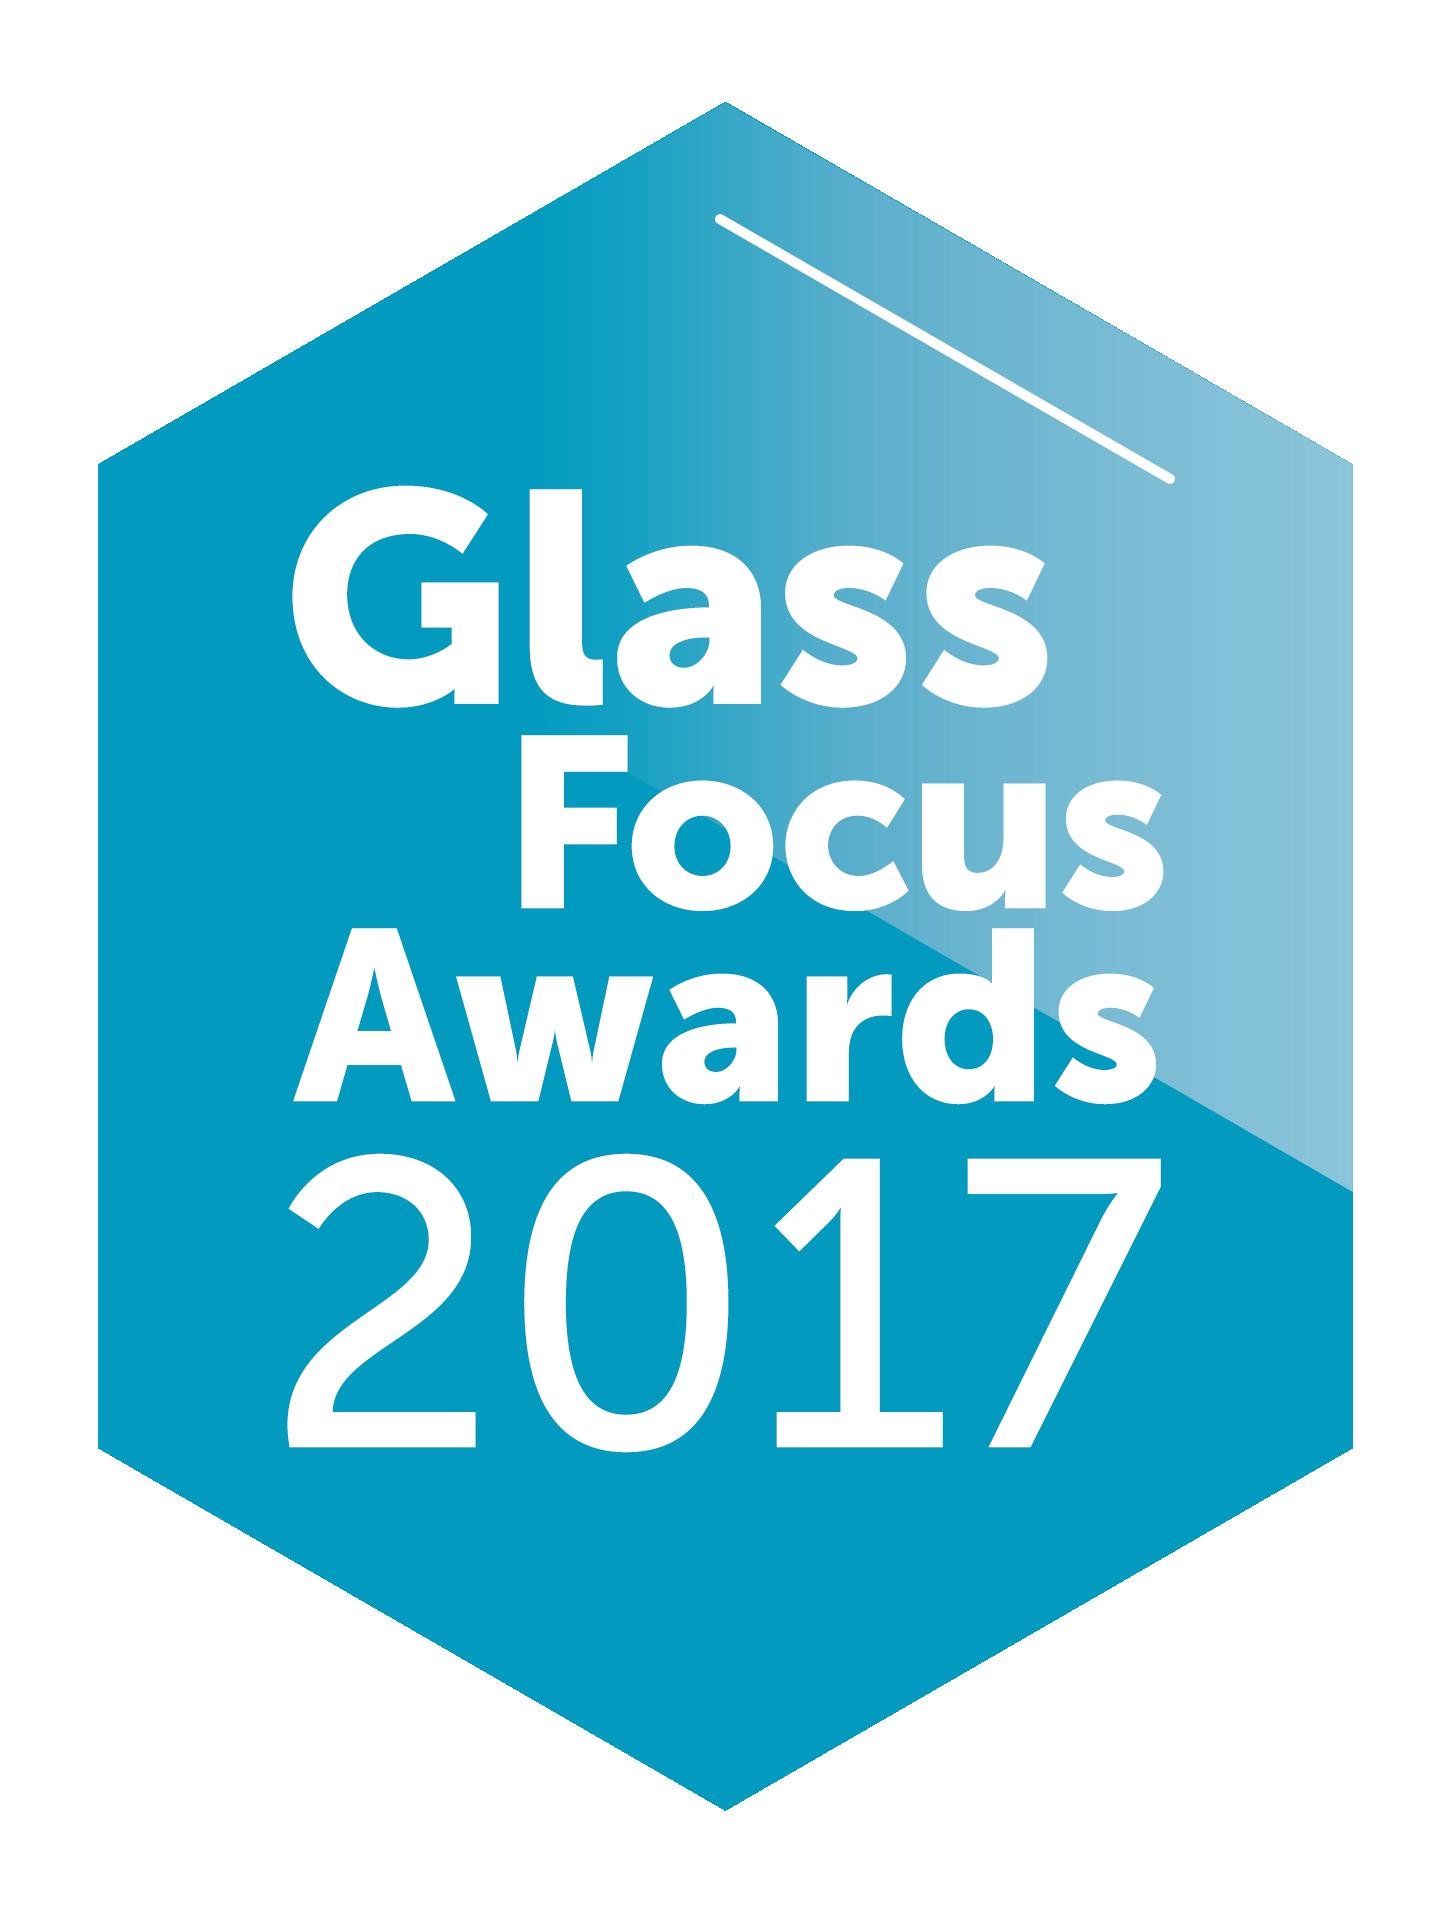 Glass Focus Awards 2017 logo